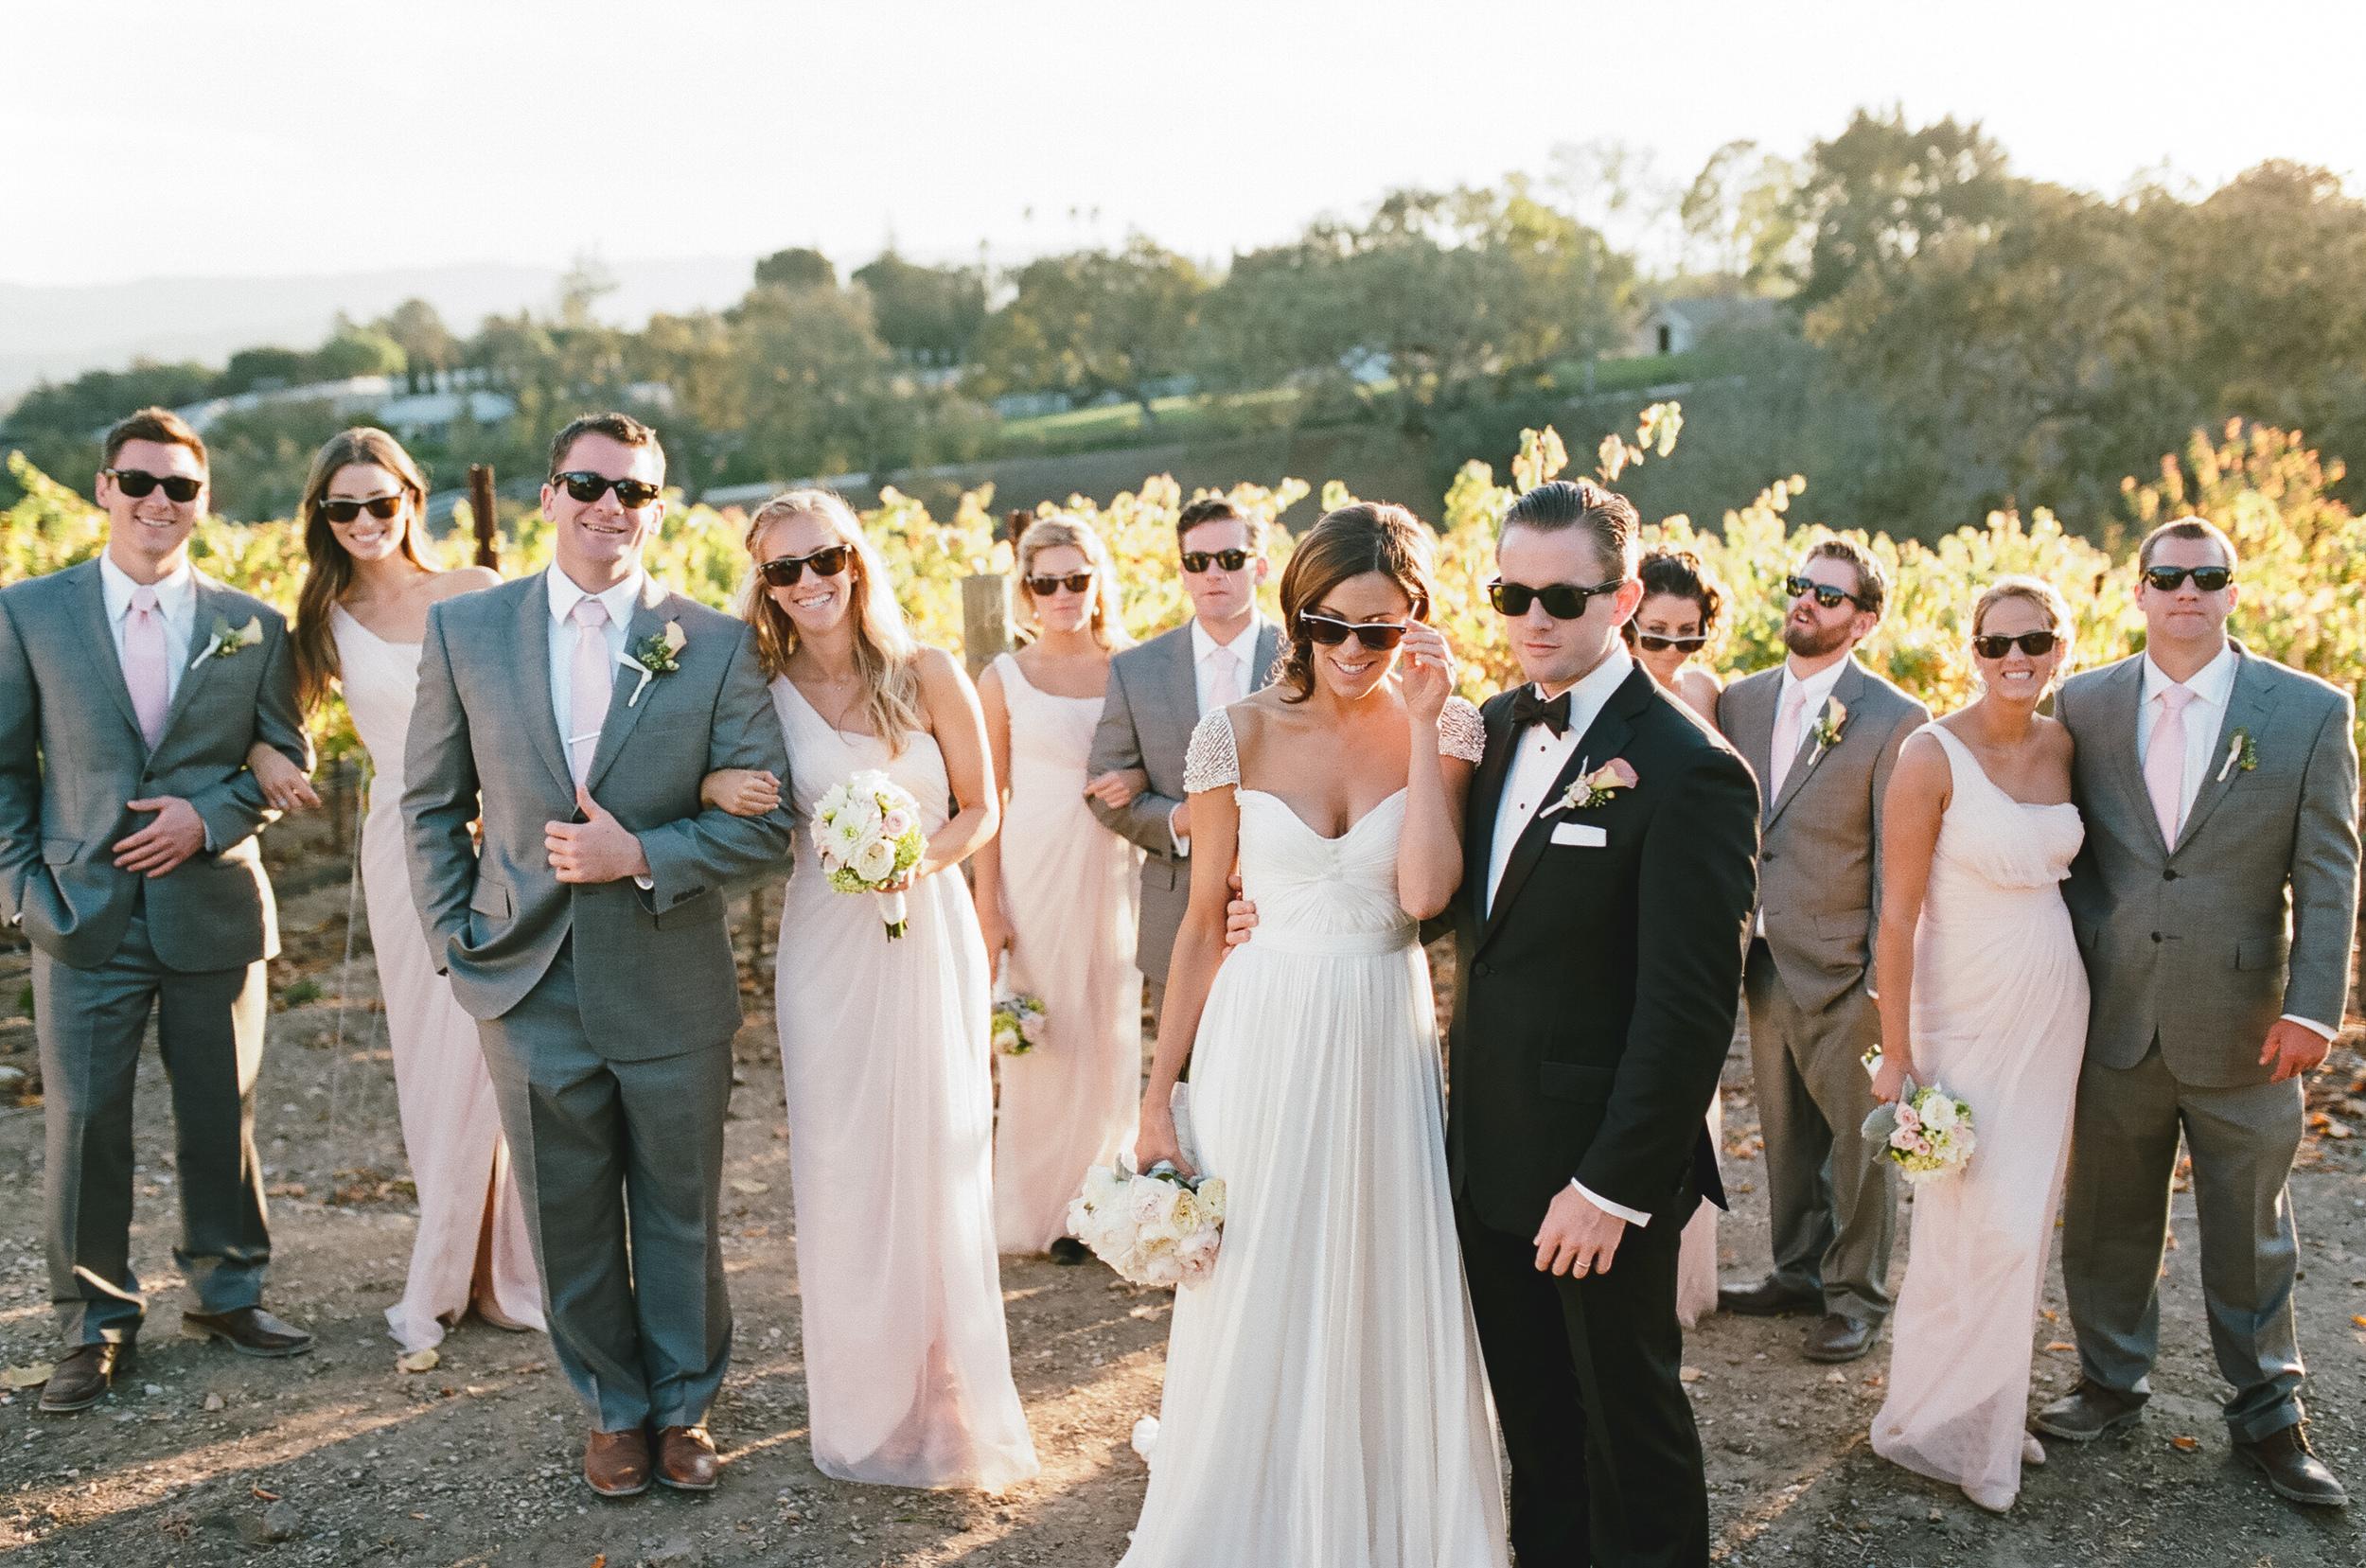 hogan-wedding-blog-07.jpg